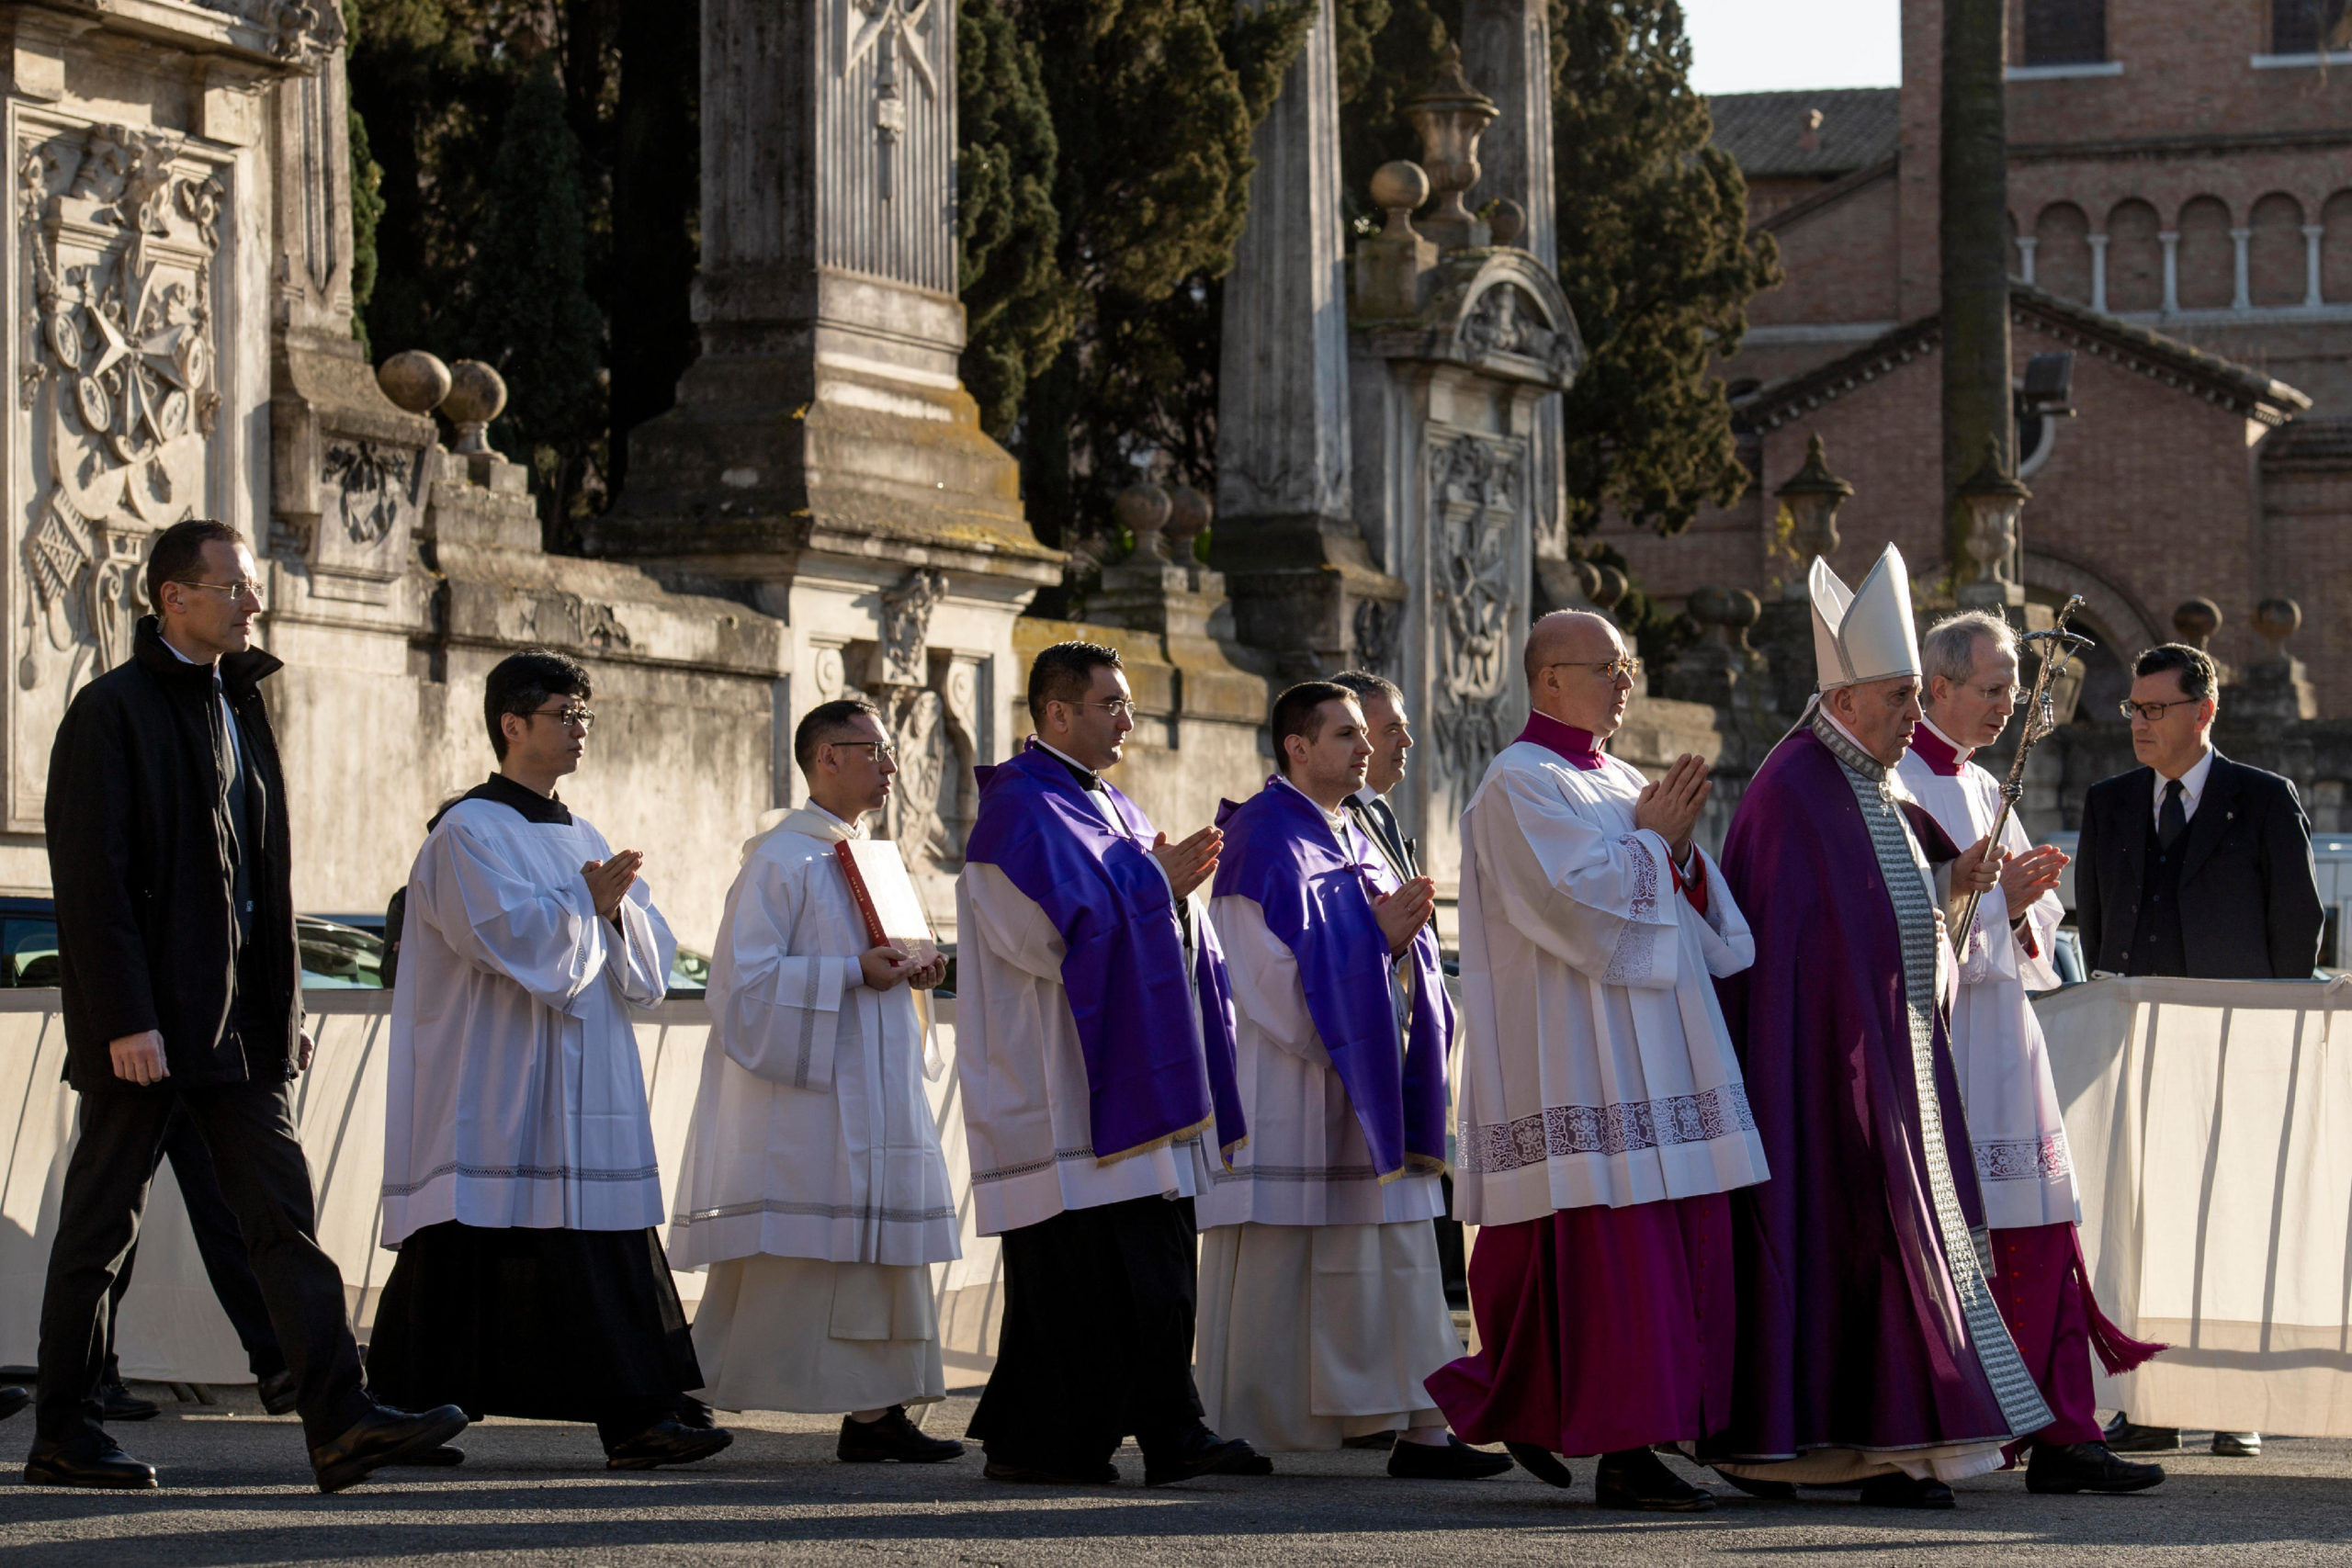 Miércoles de ceniza, 26 de febrero de 2020 © Vatican Media